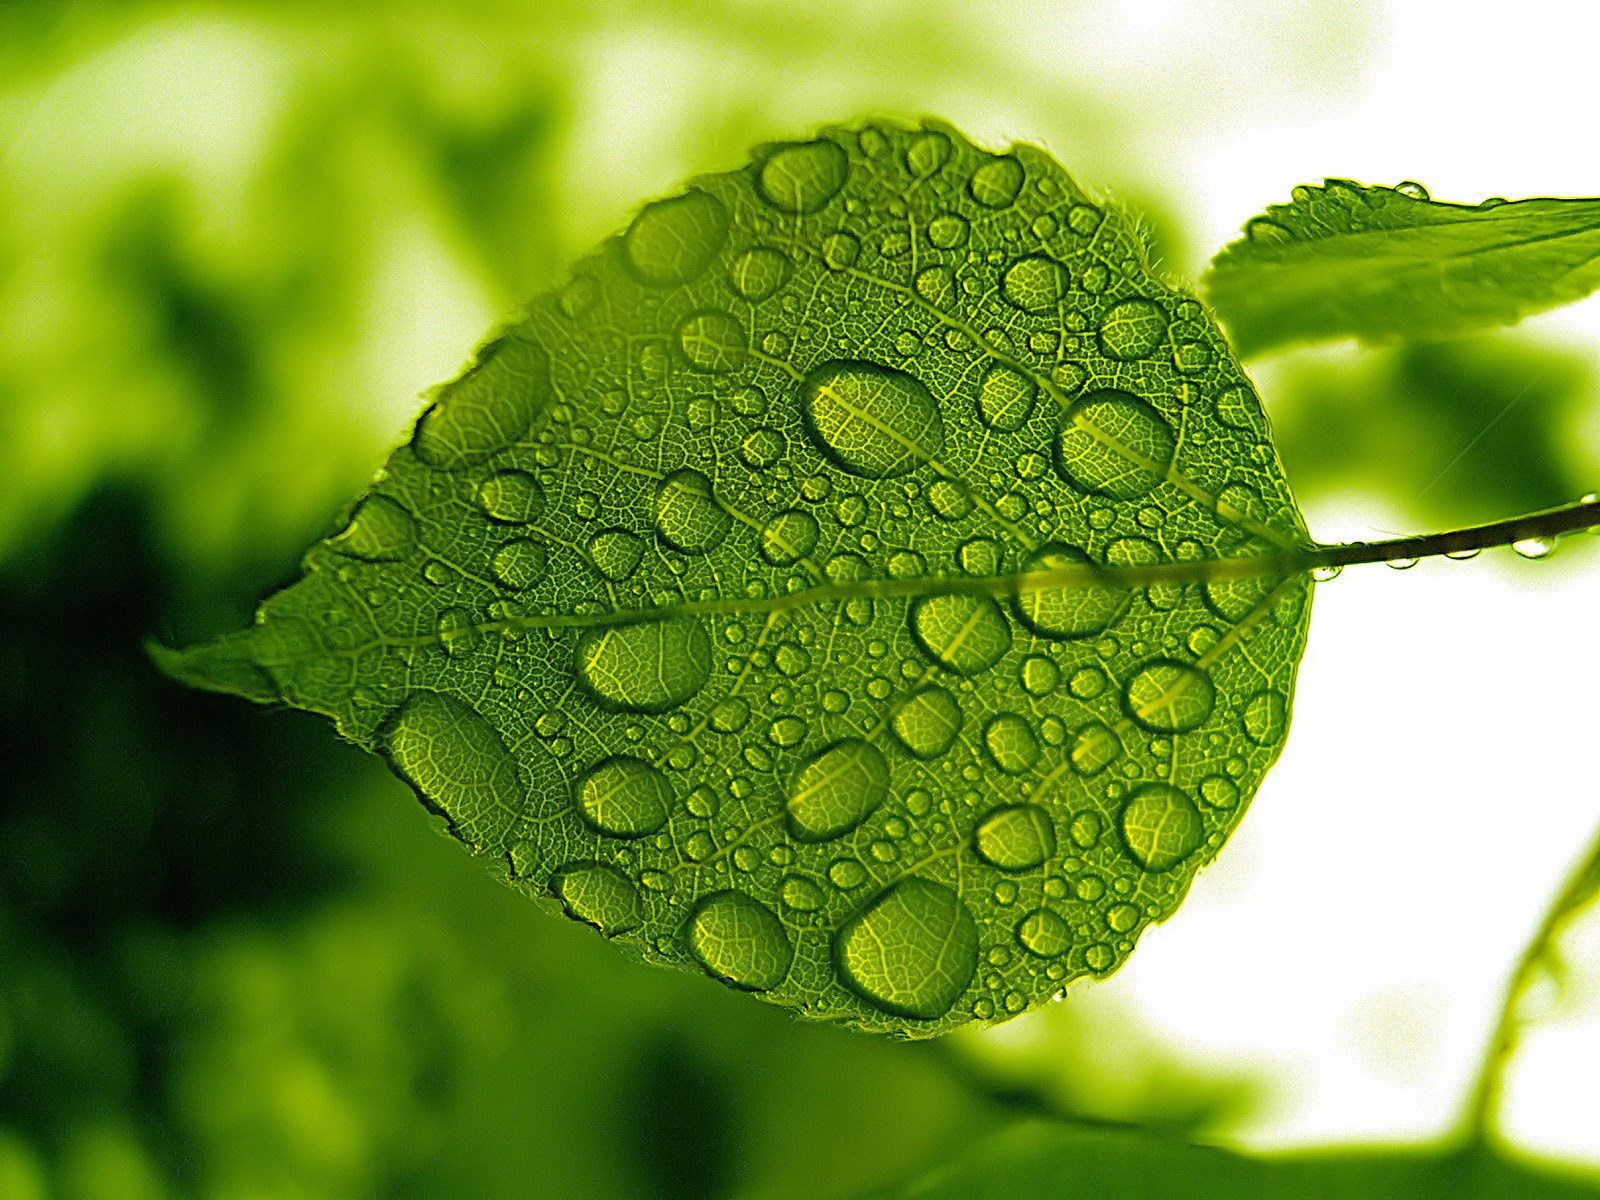 Leaves waterdrop